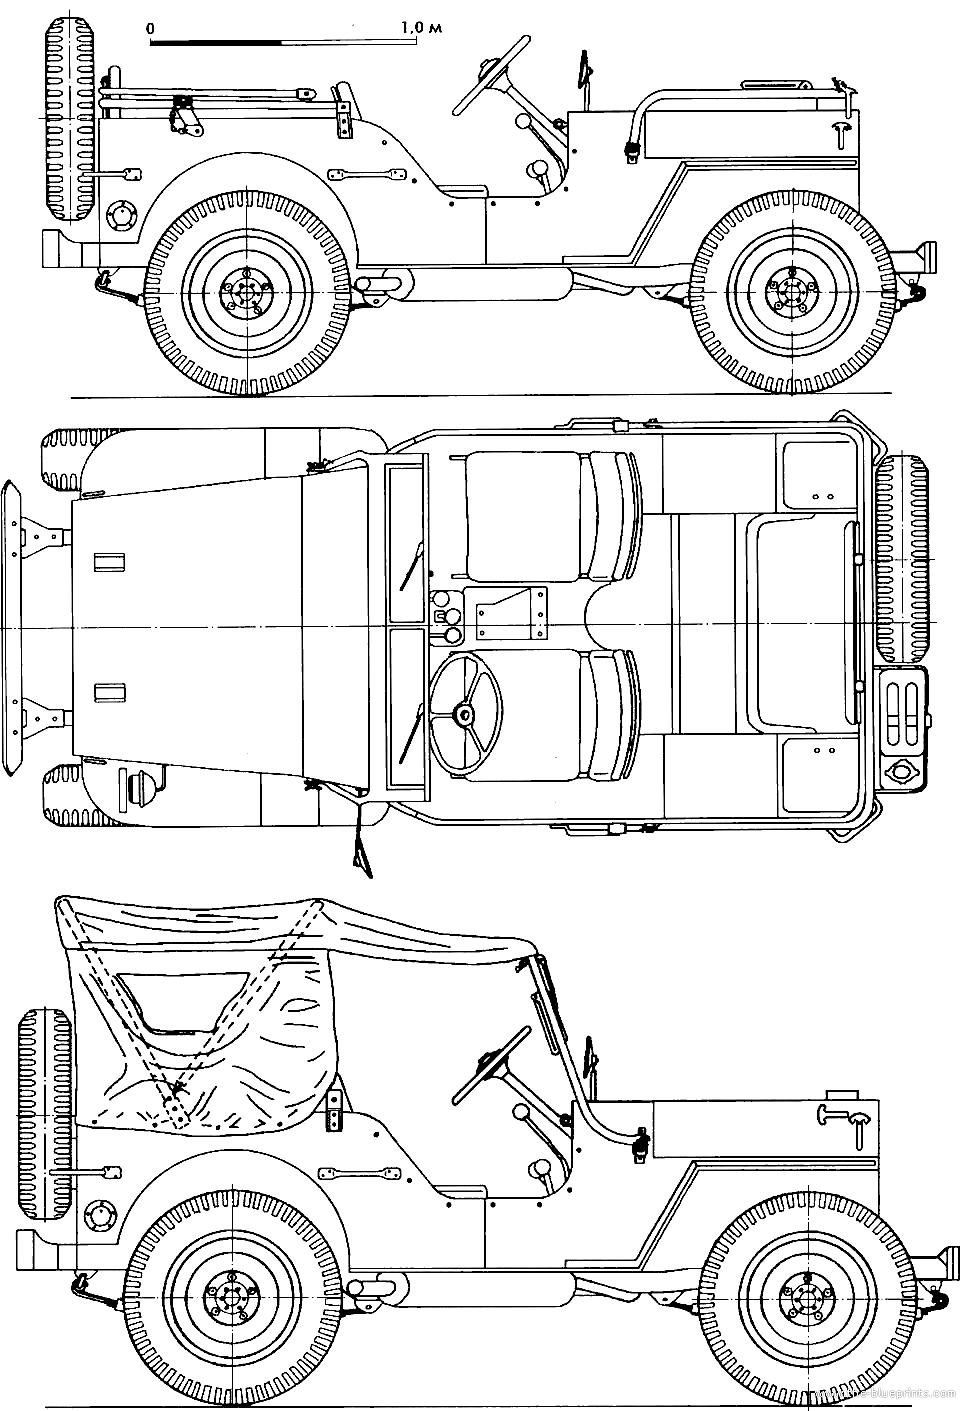 blueprints  u0026gt  cars  u0026gt  willys  u0026gt  willys jeep mb  1942